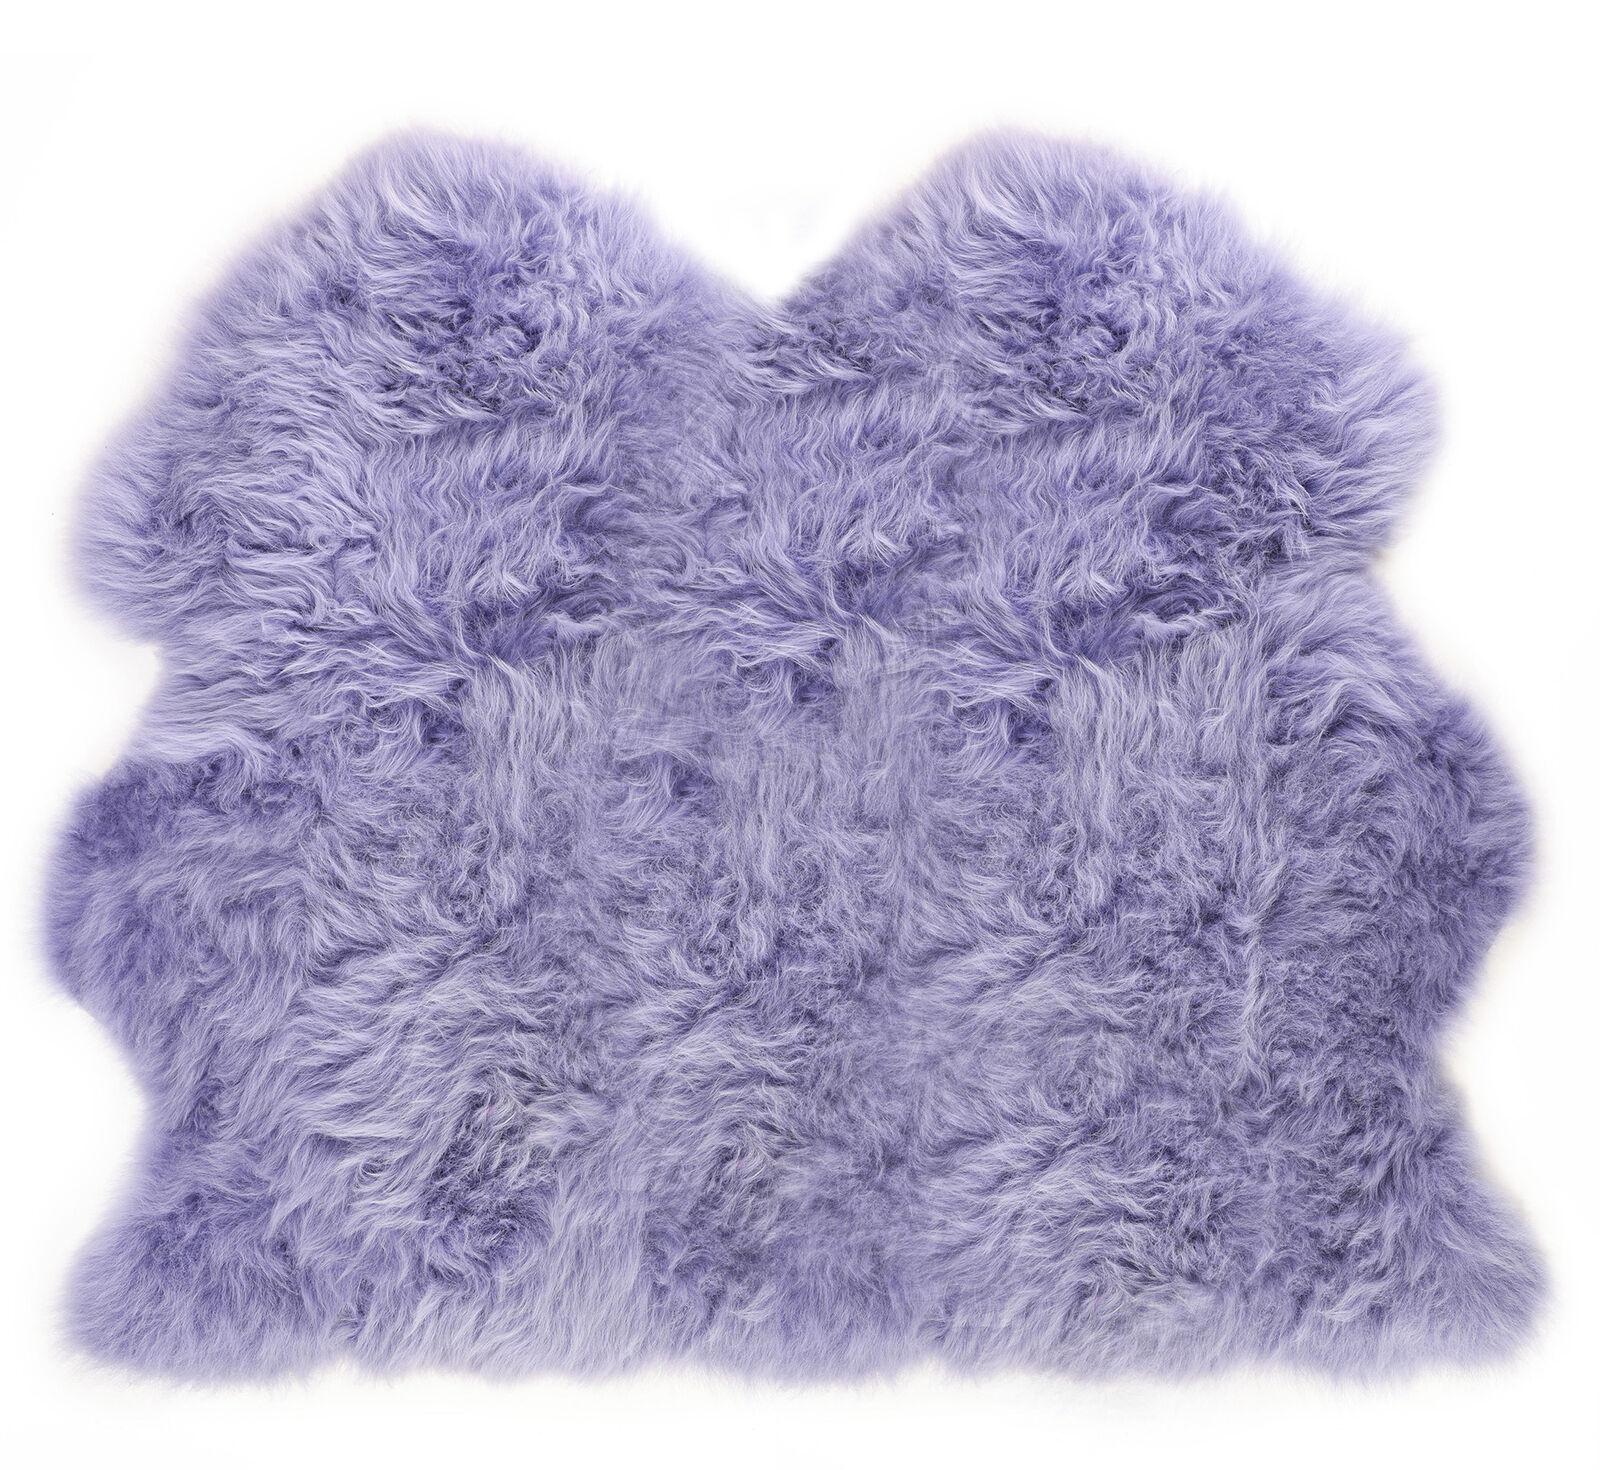 Très Doux Extra Large Double Véritable Lilas Doux Doux Doux Purple Sheepskin Rug Cachette | La Construction Rationnelle  9f91b0